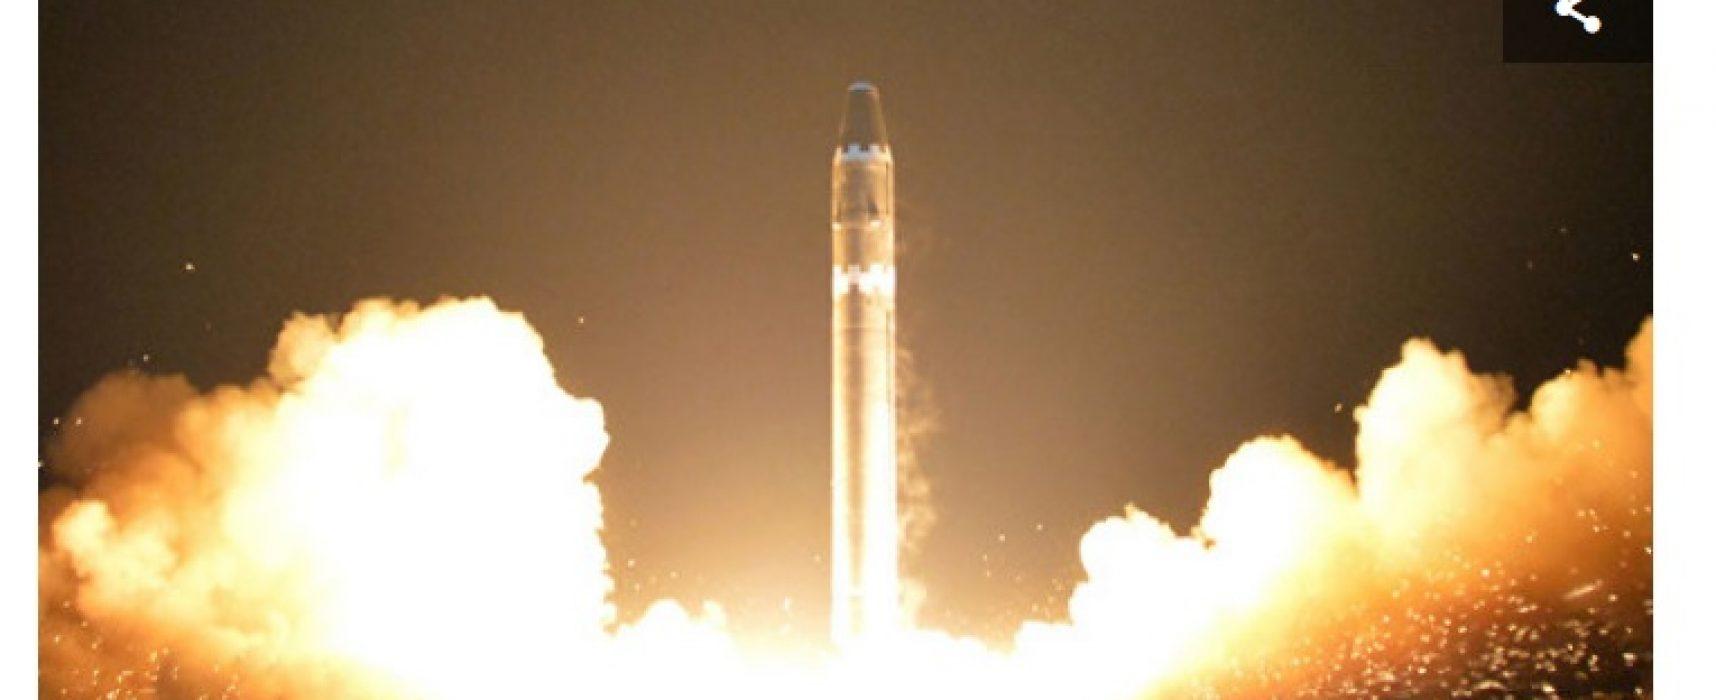 Фейк: Київ підтвердив наявність українських елементів у двигунах ракет КНДР